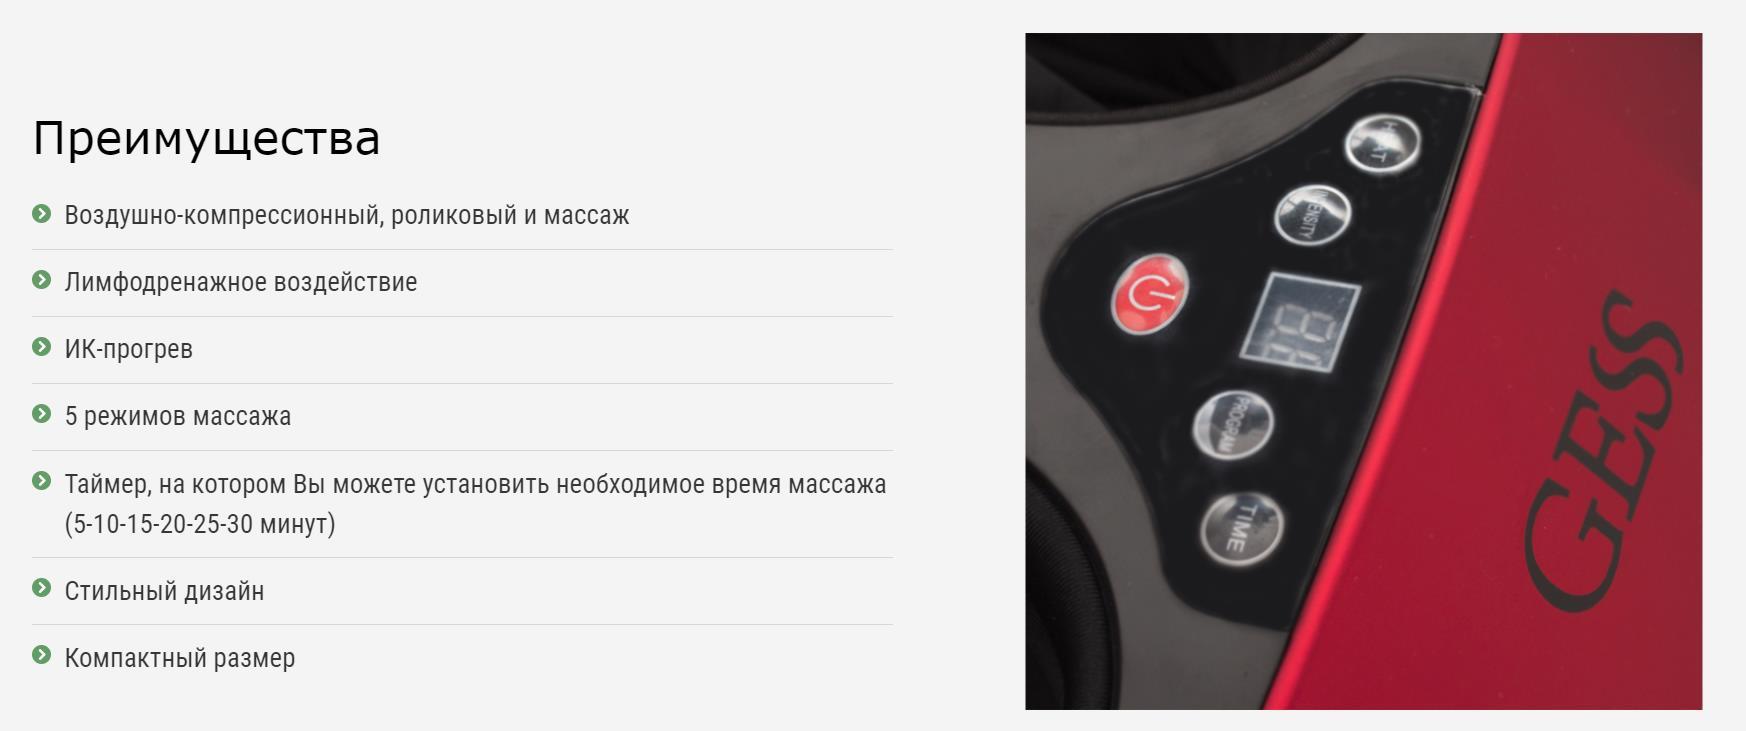 http://celebniymir.ru/images/upload/b680e271e499ce4de60f1301082b932a.jpg